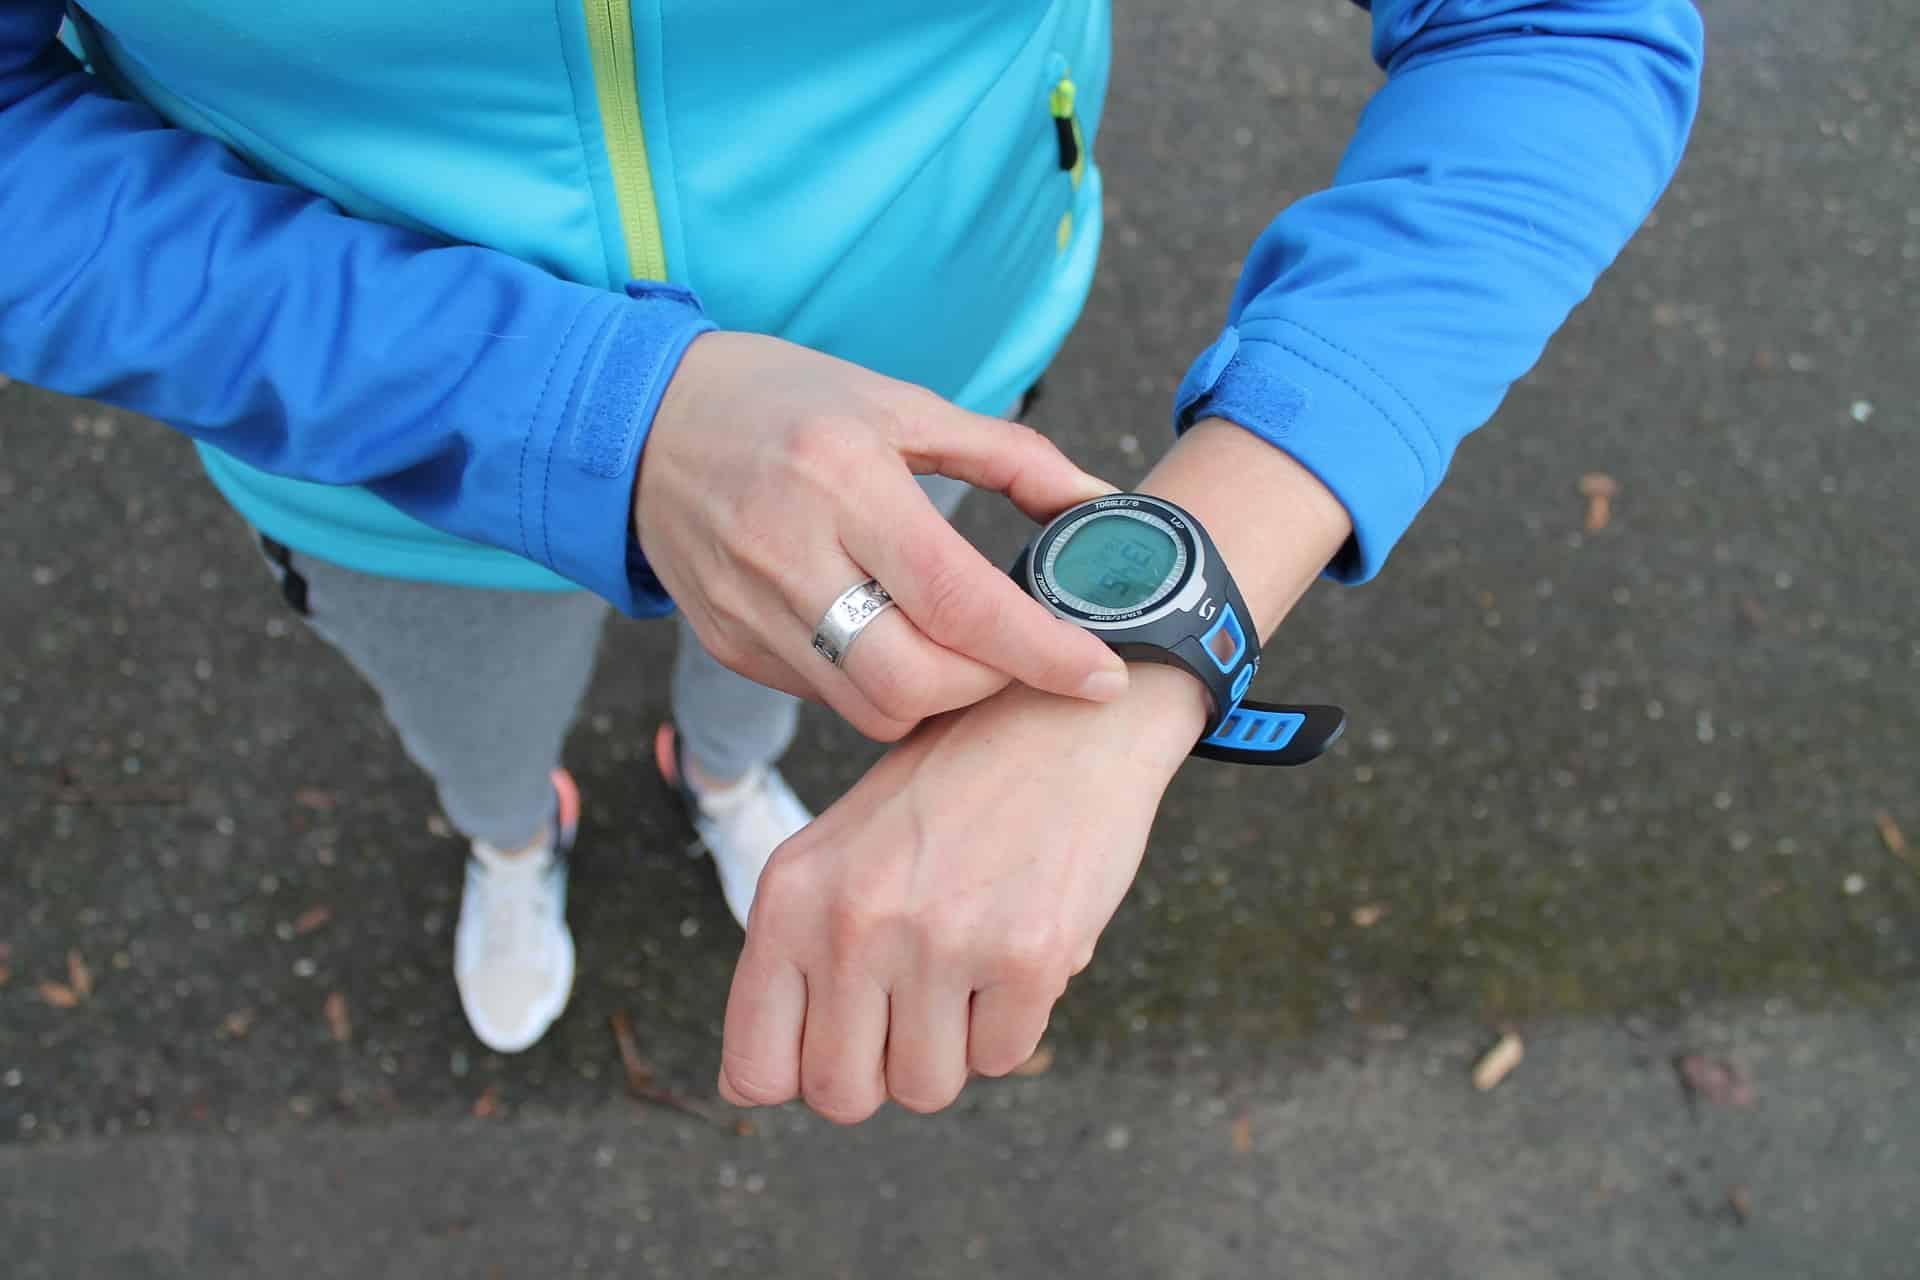 Migliori orologi per running: come scegliere